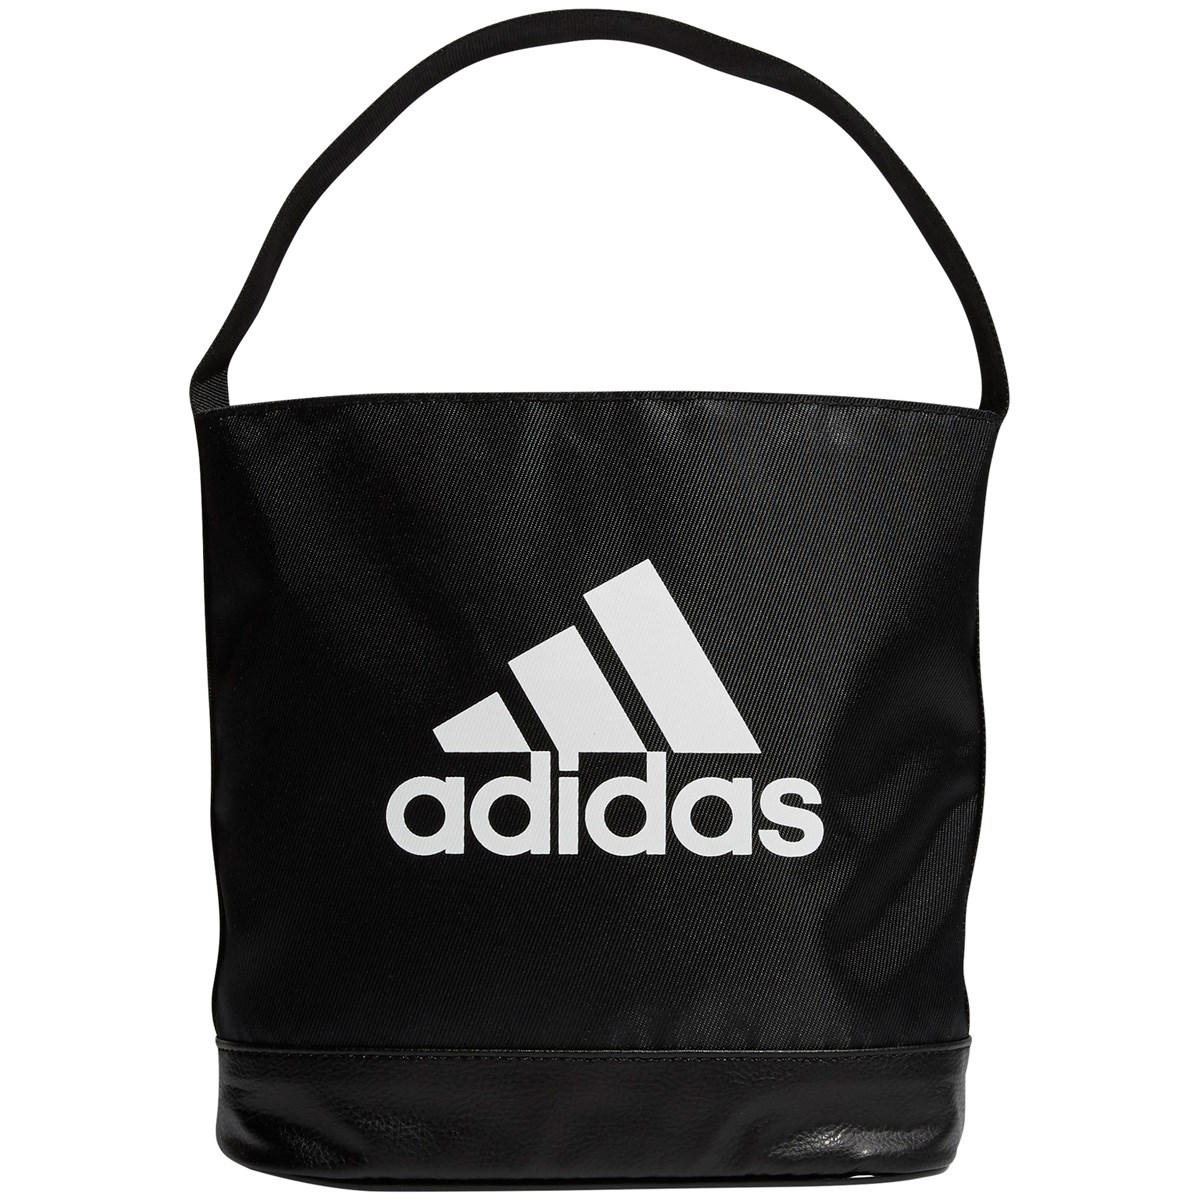 アディダス(adidas) サンドバッグ